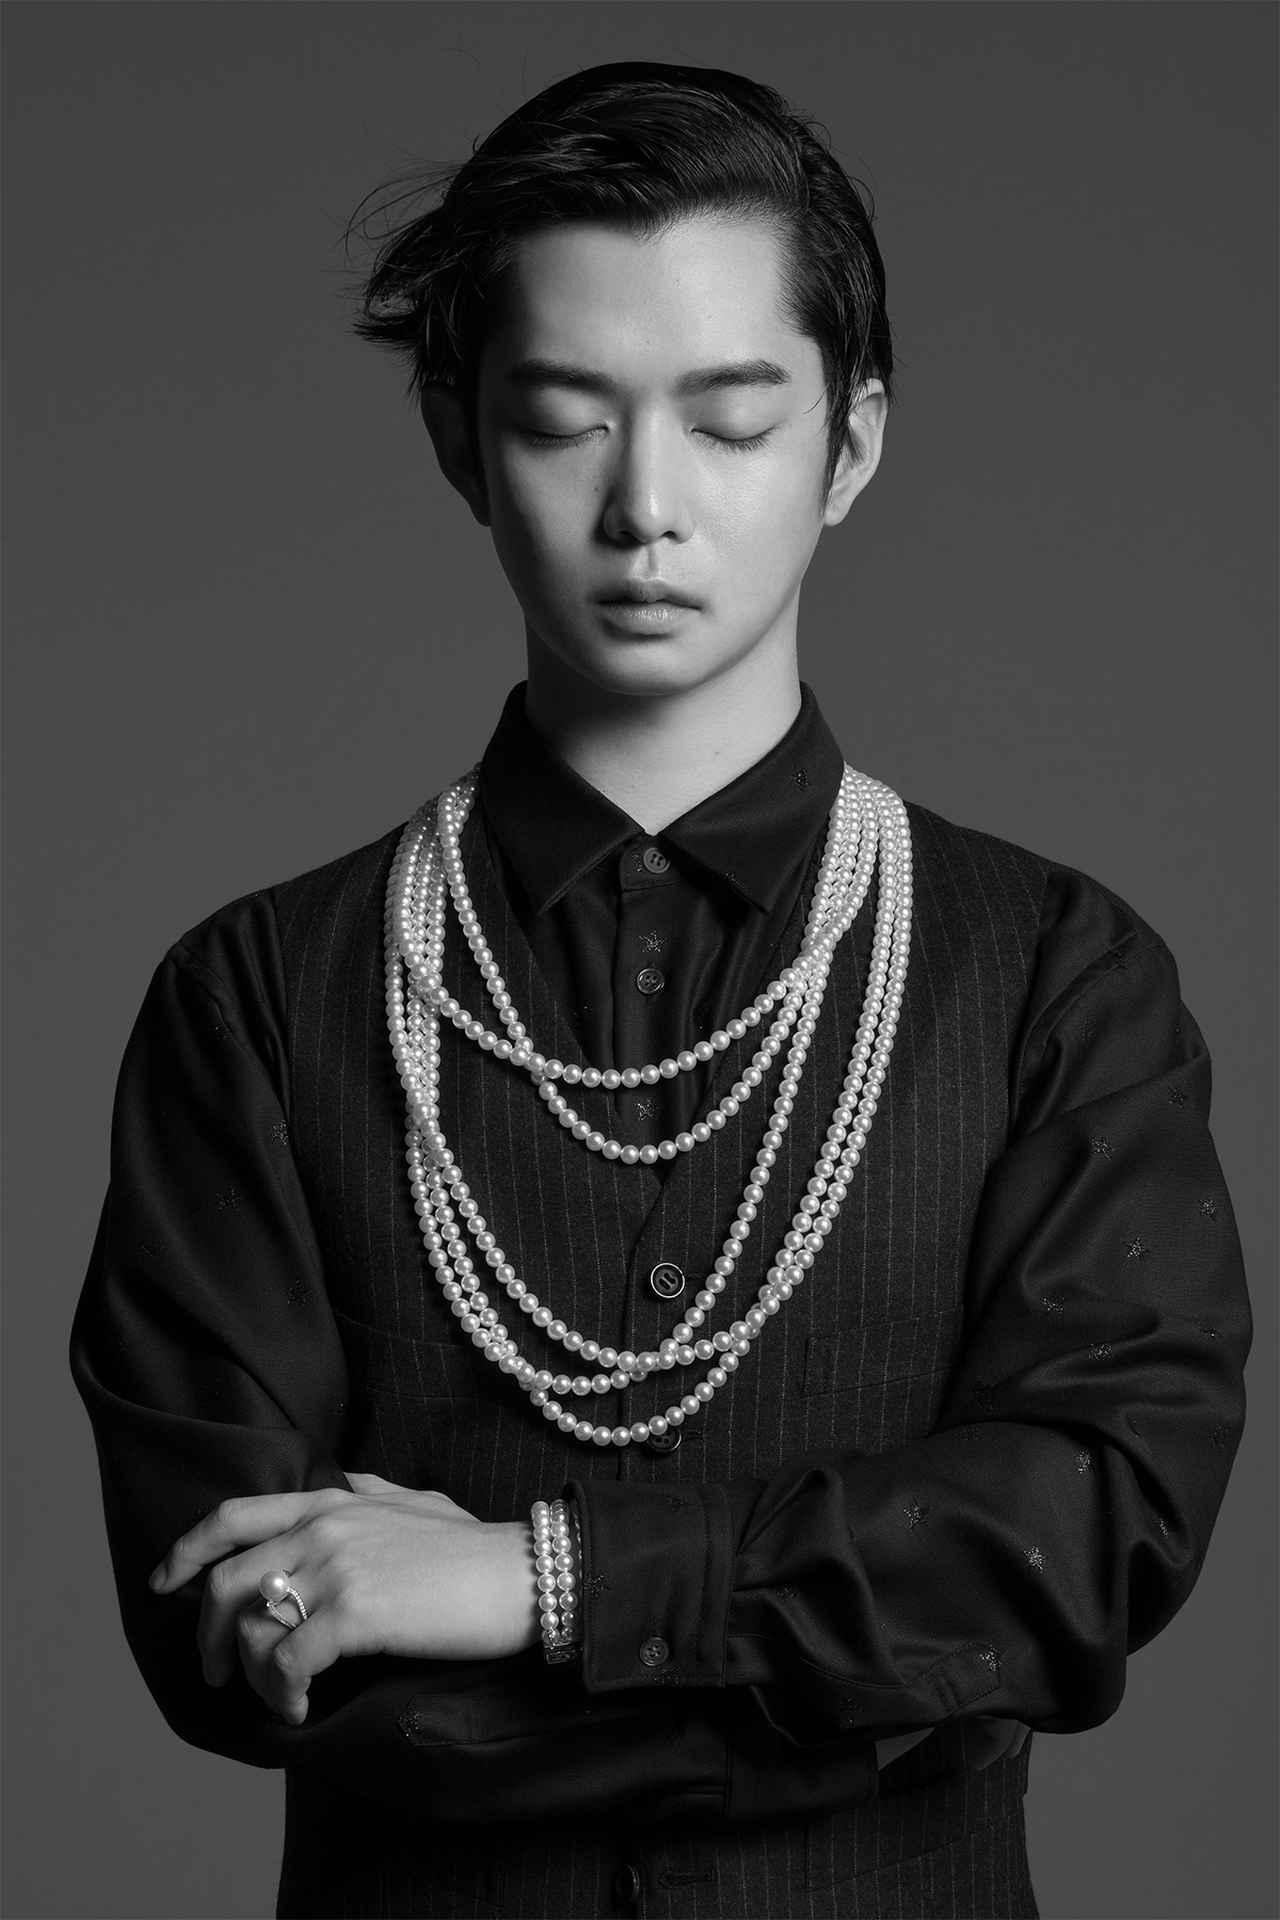 Images : 11番目の画像 - 「TJ News 夏木マリ、千葉雄大が語る 私にとってのパールと生き方」のアルバム - T JAPAN:The New York Times Style Magazine 公式サイト